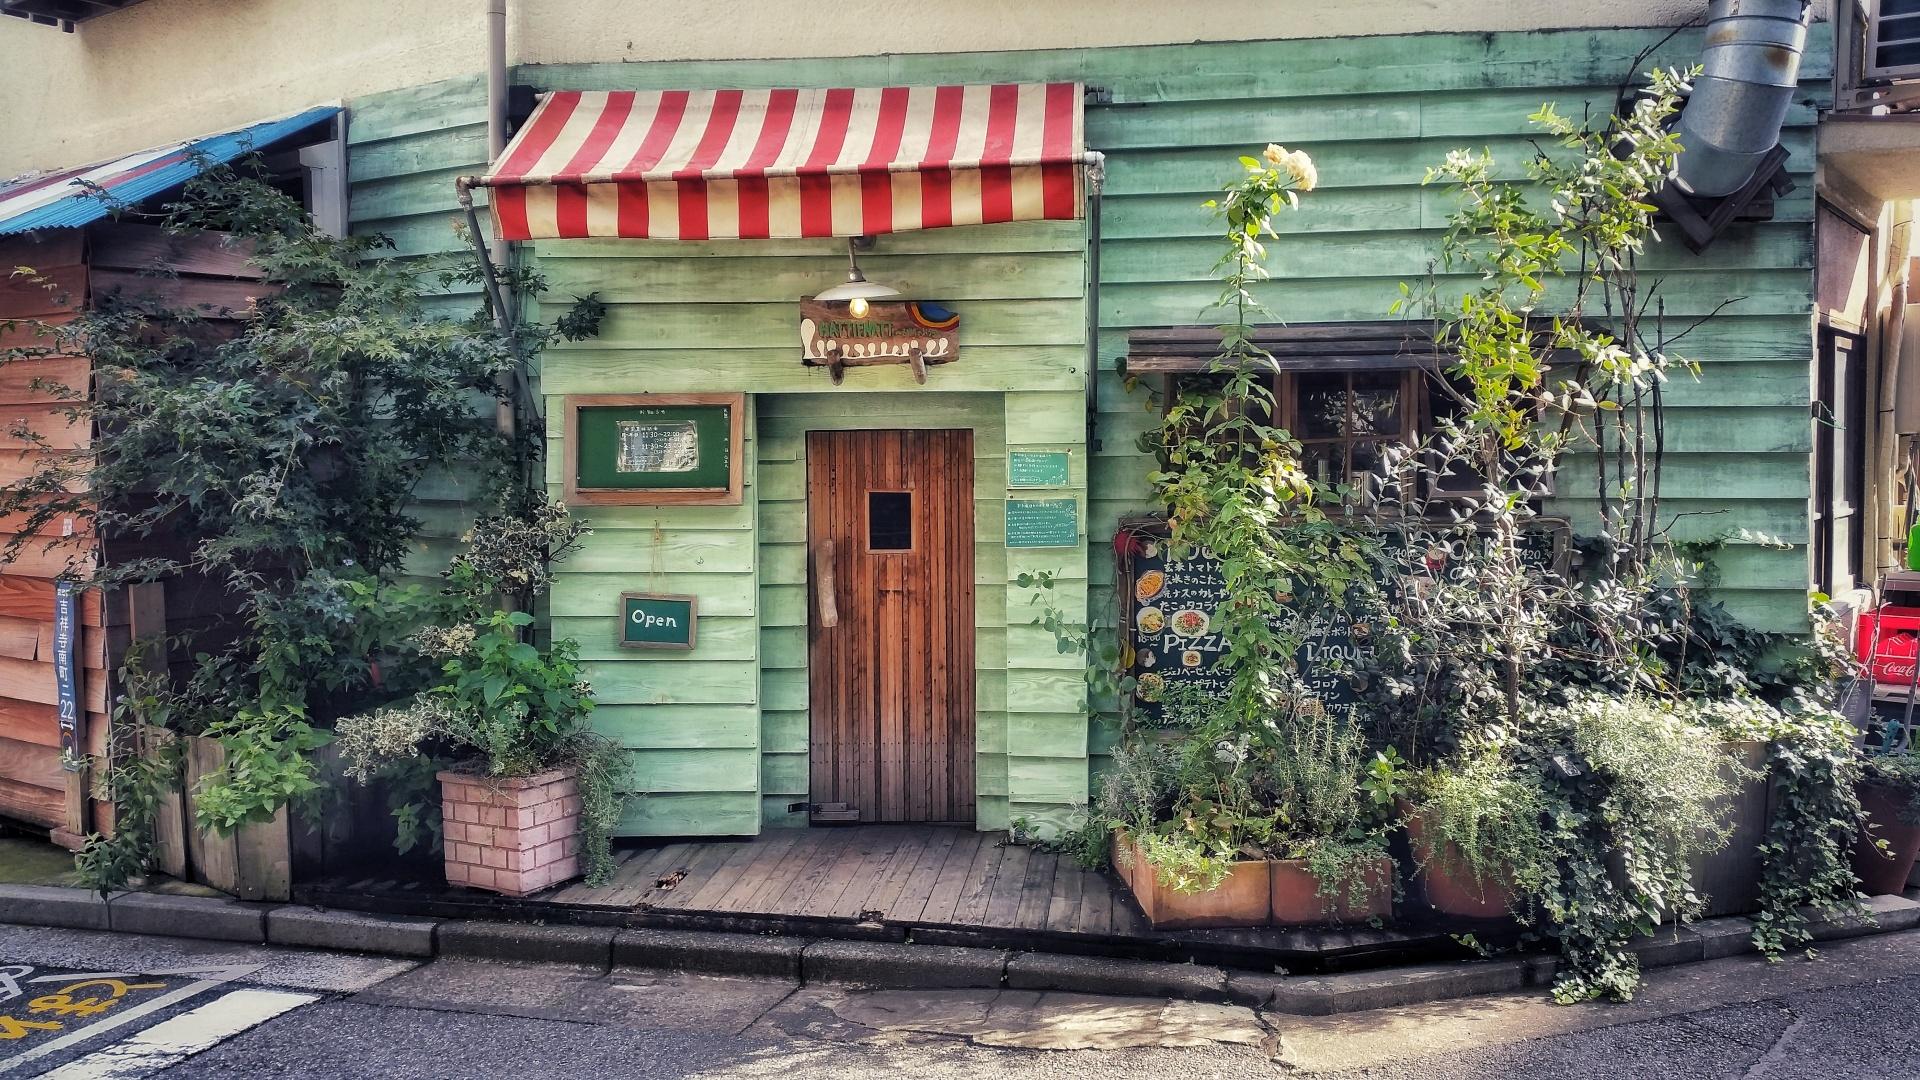 Cafe Hattifnatt kichijoji Tokyo